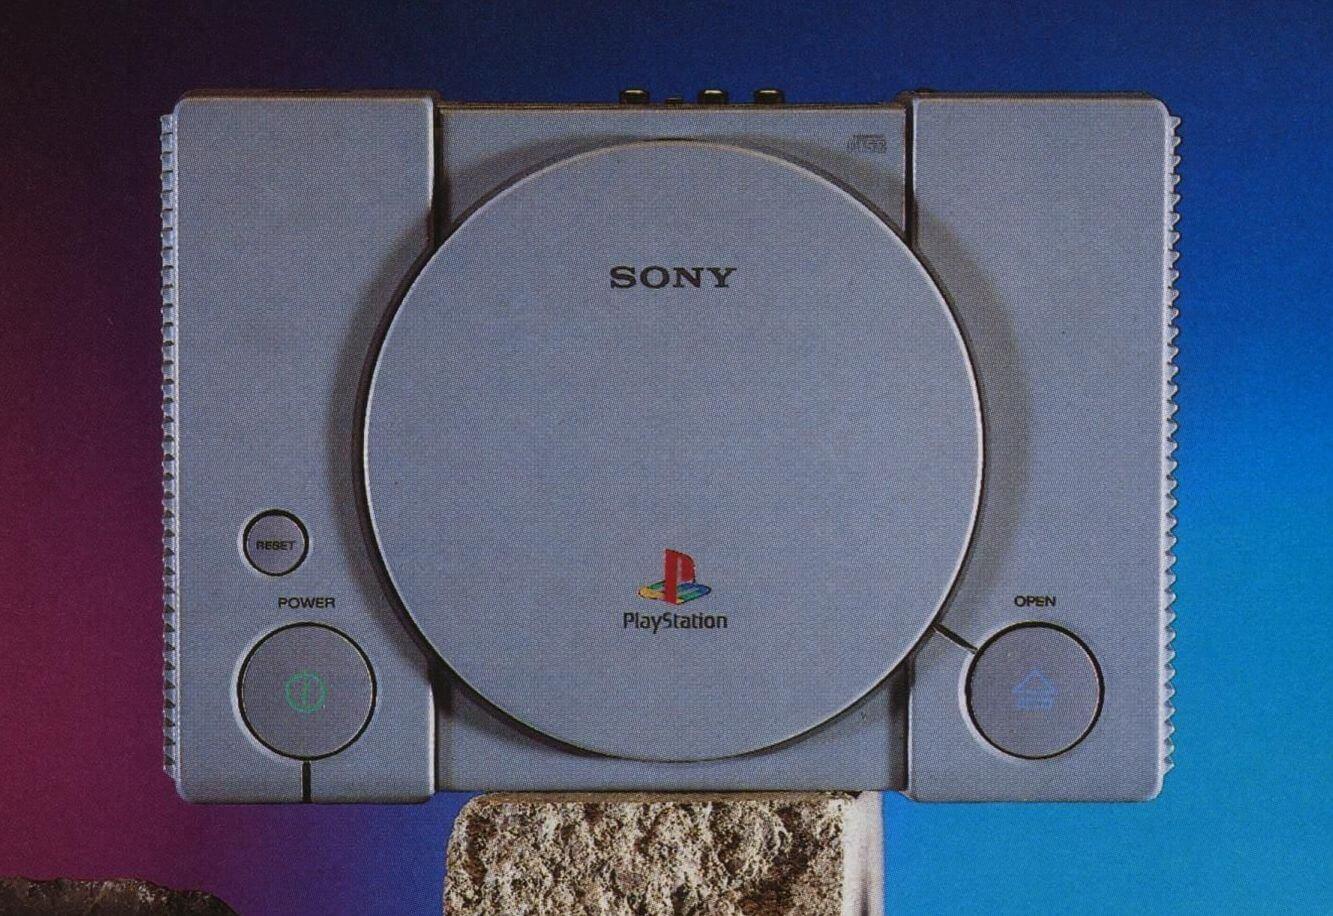 wyglad playstation 5 - Wczesny wygląd konsoli PlayStation